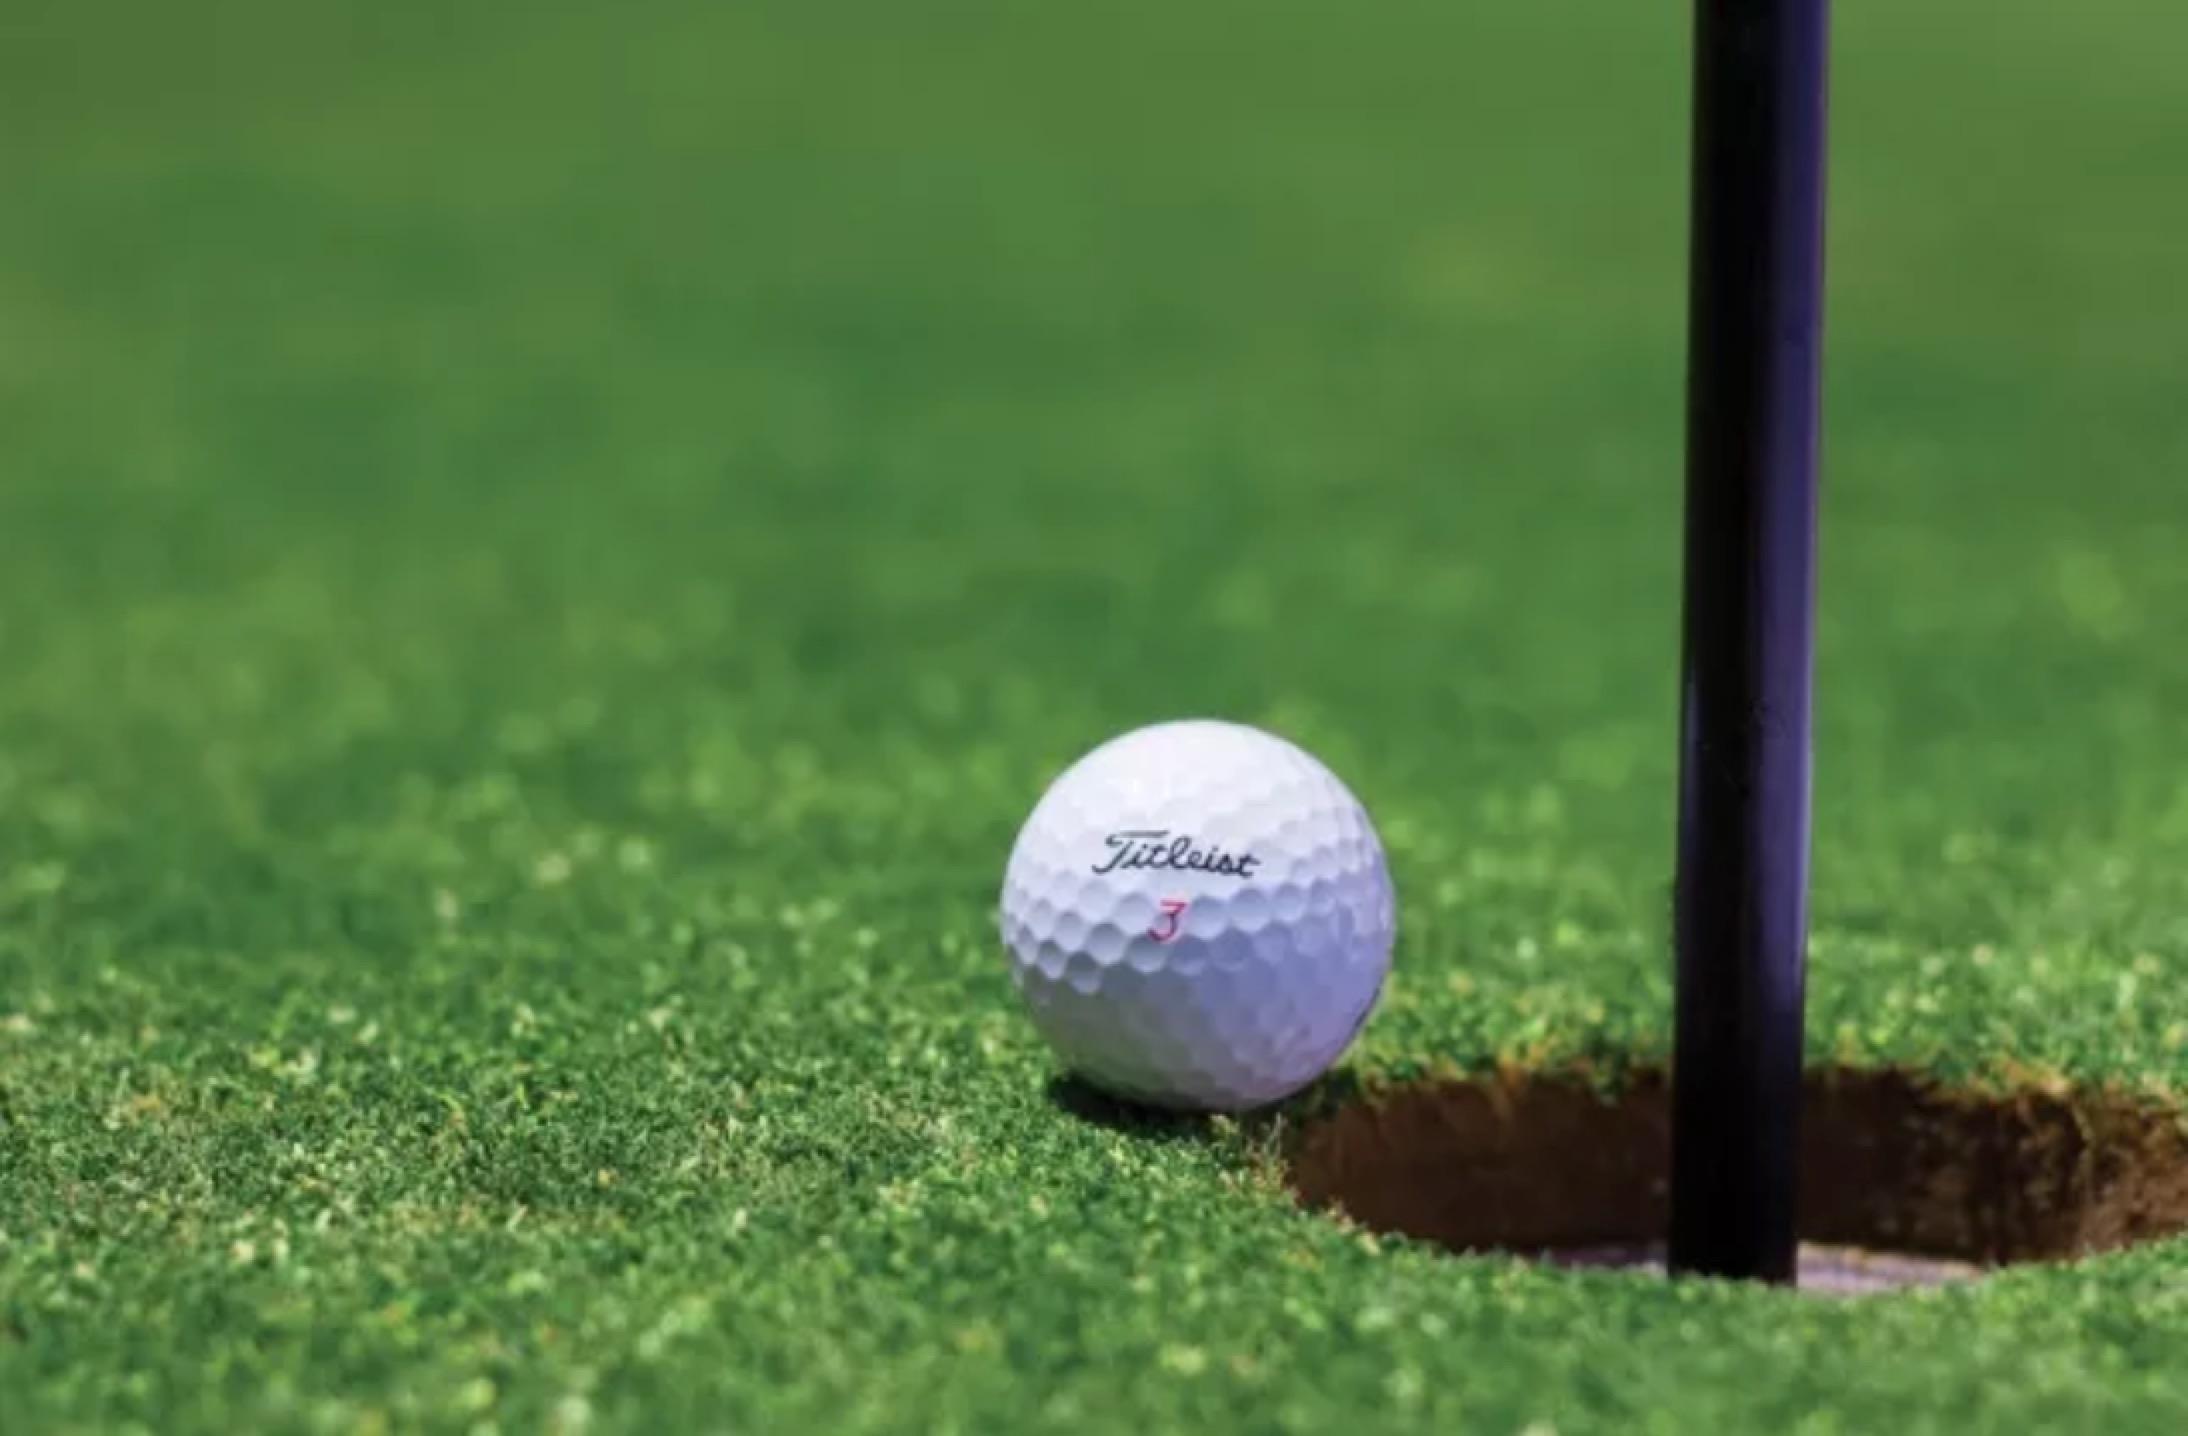 那些打高尔夫球的人,后来都怎么样了?